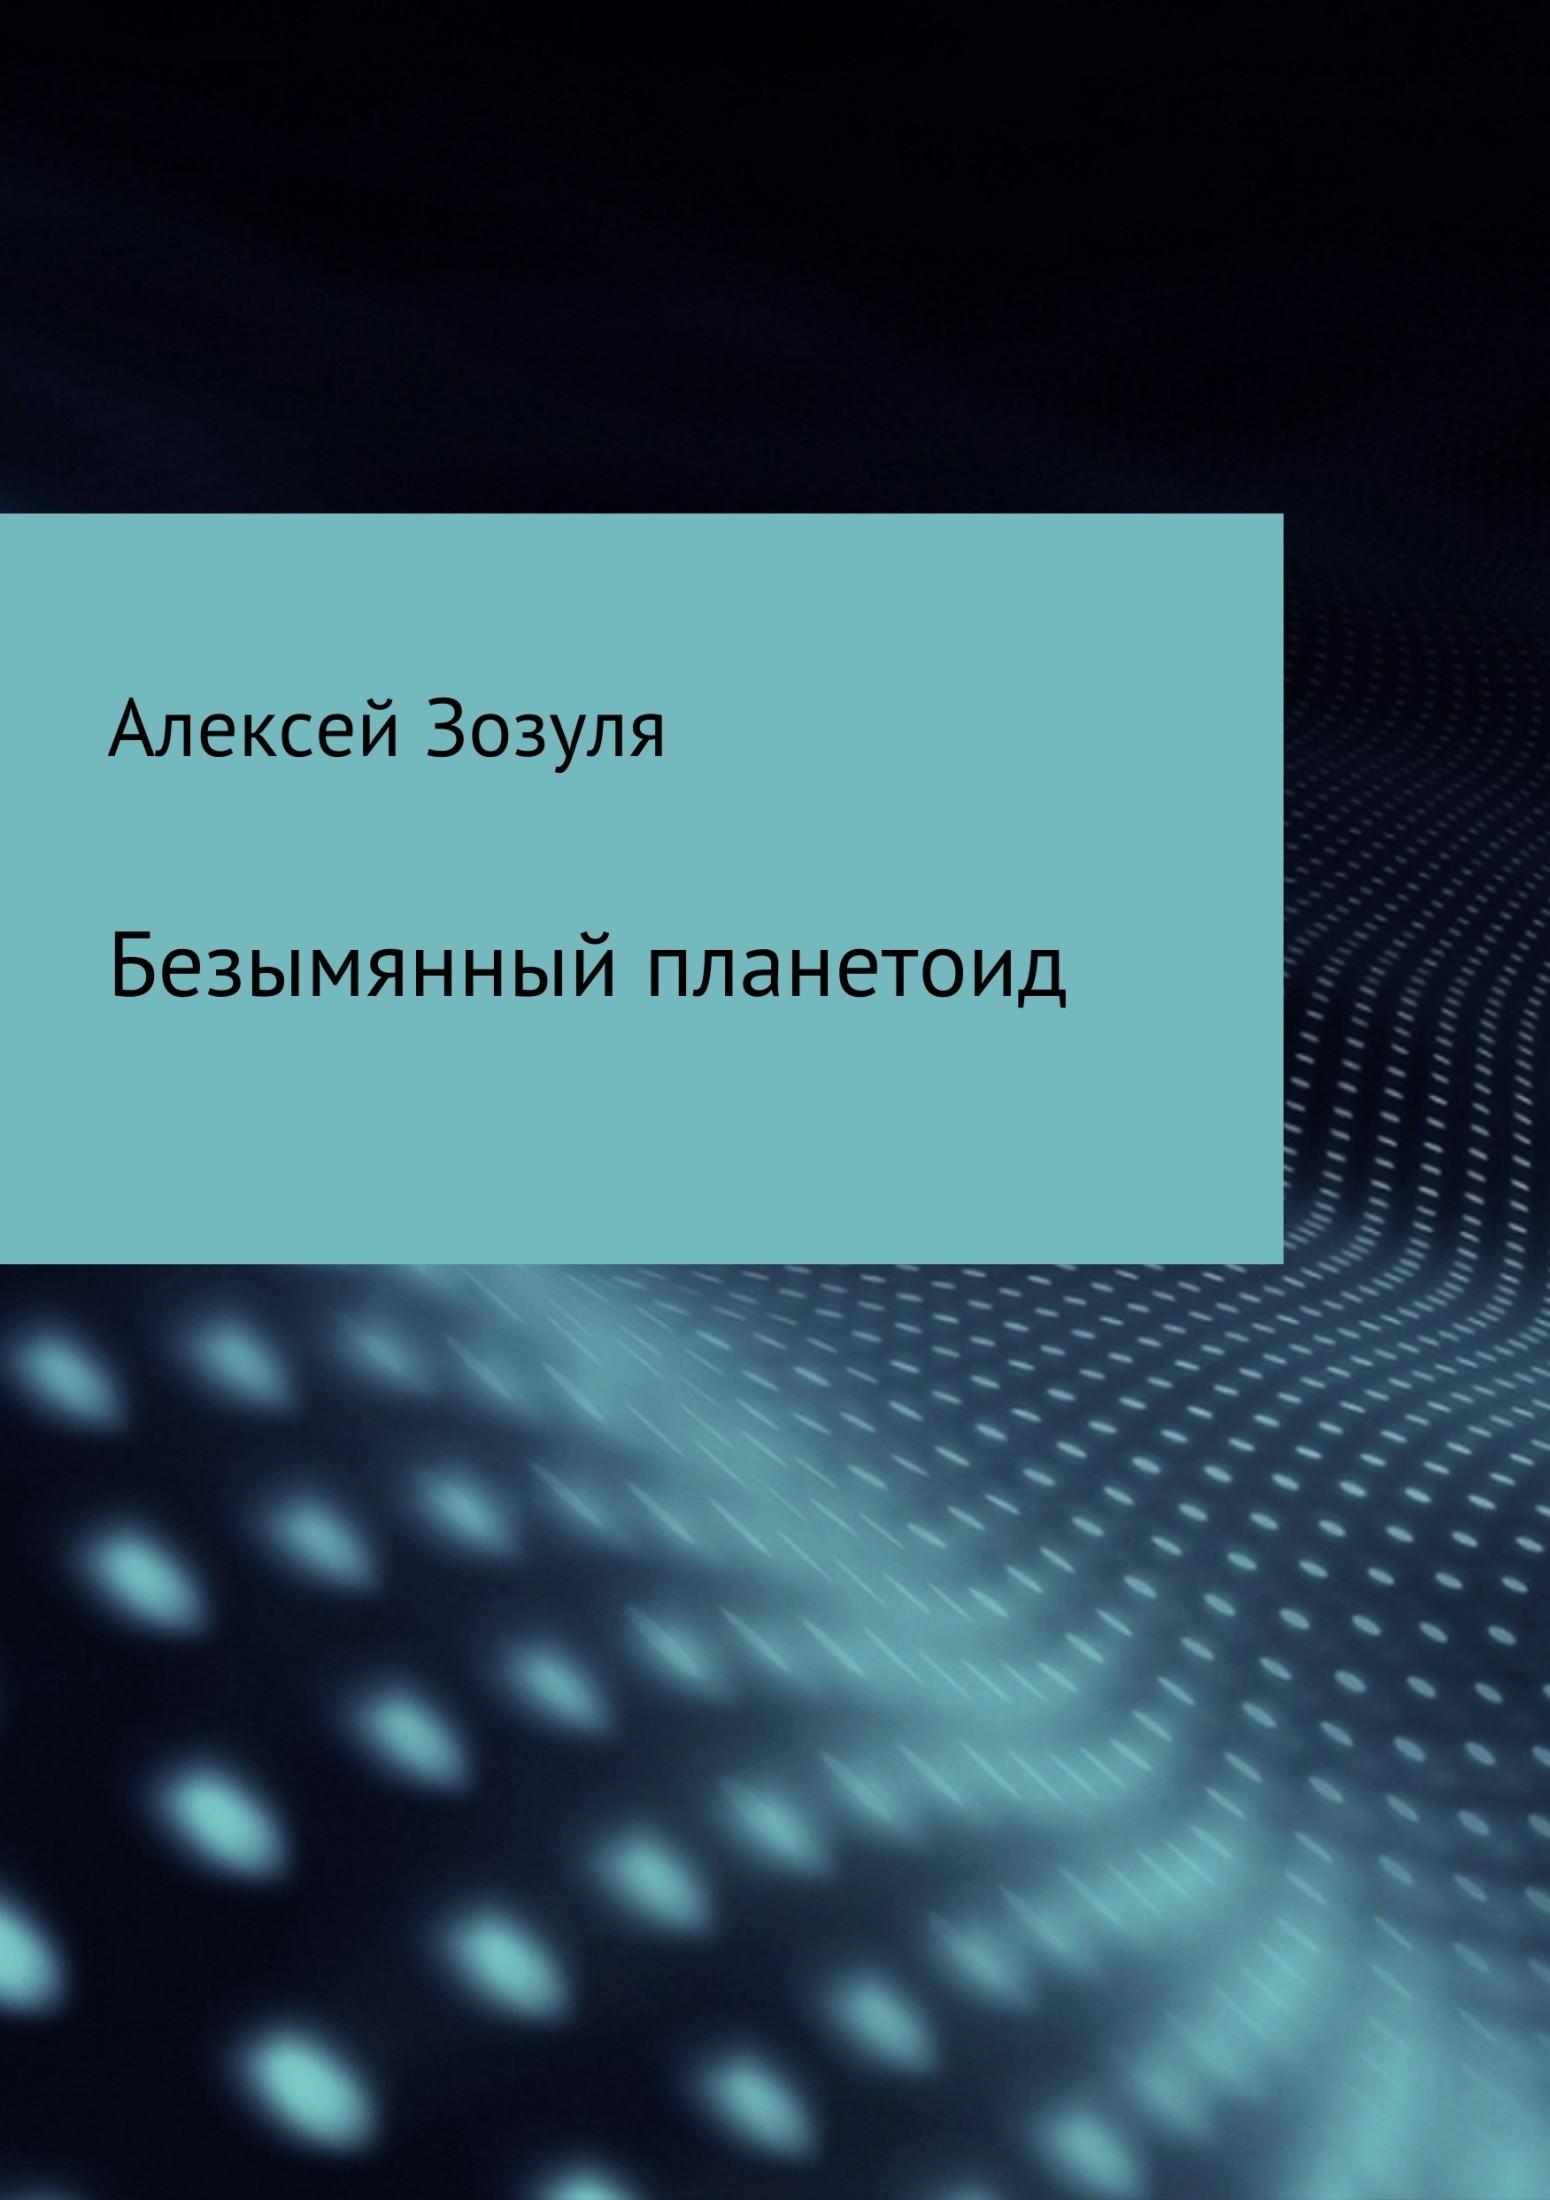 Алексей Юрьевич Зозуля бесплатно